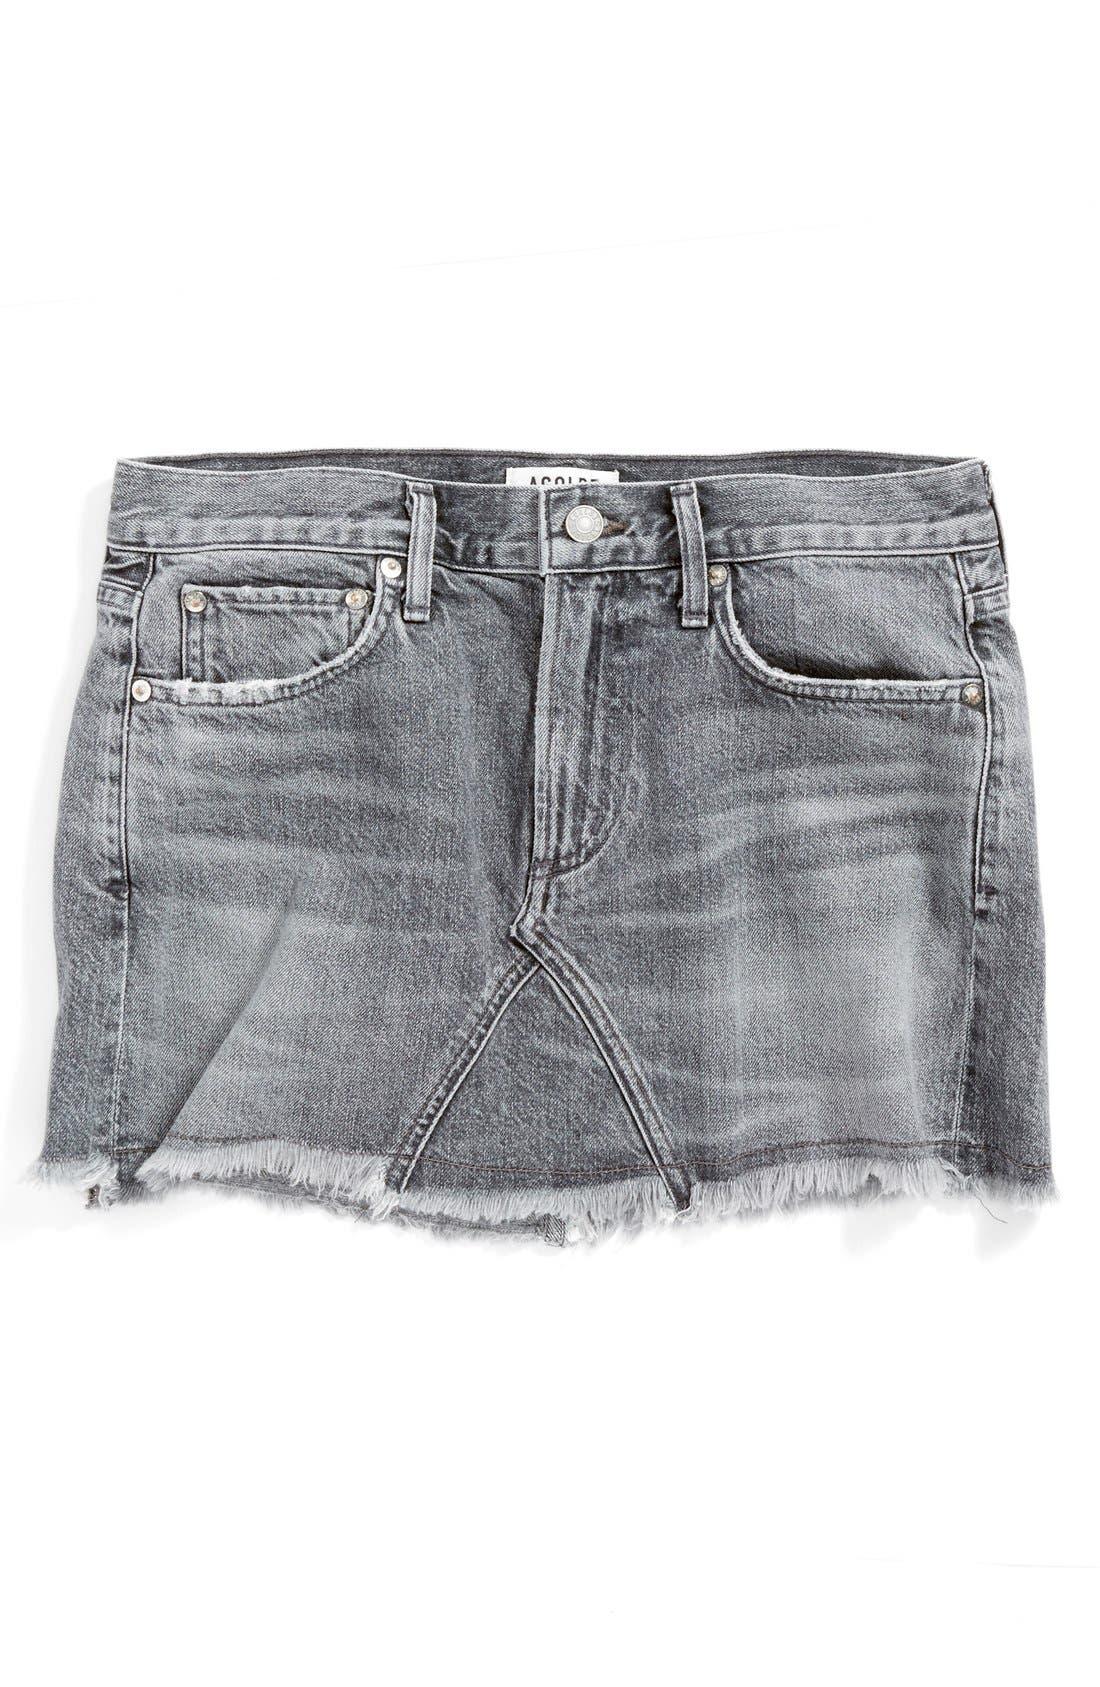 Main Image - AGOLDE Jeanette Denim Miniskirt